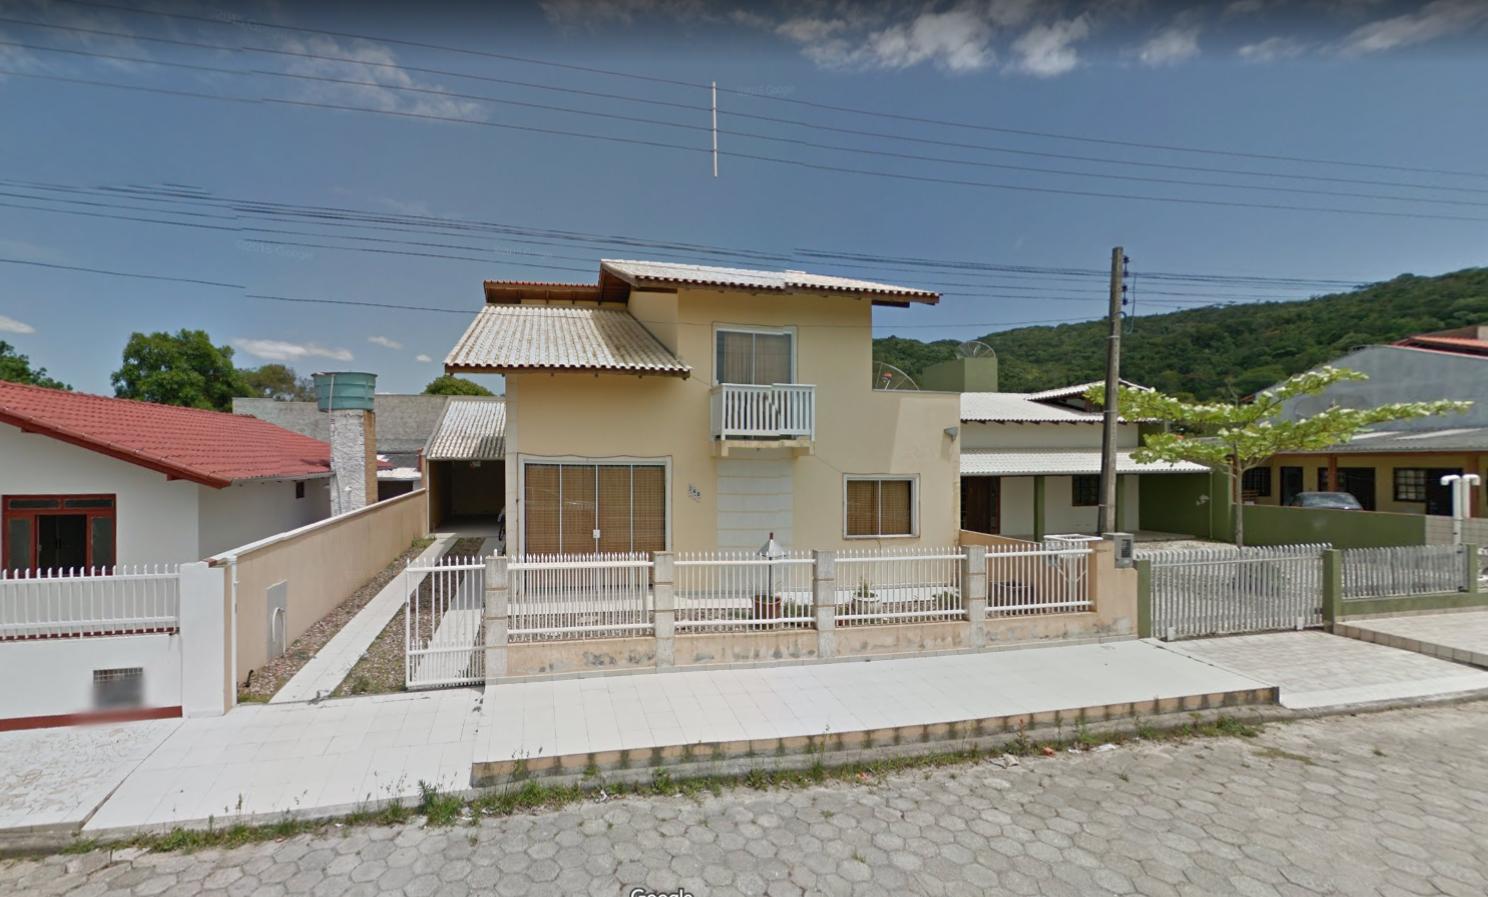 Leilão Simultâneo do Juizado Especial Cível da Comarca de Itajaí/SC.